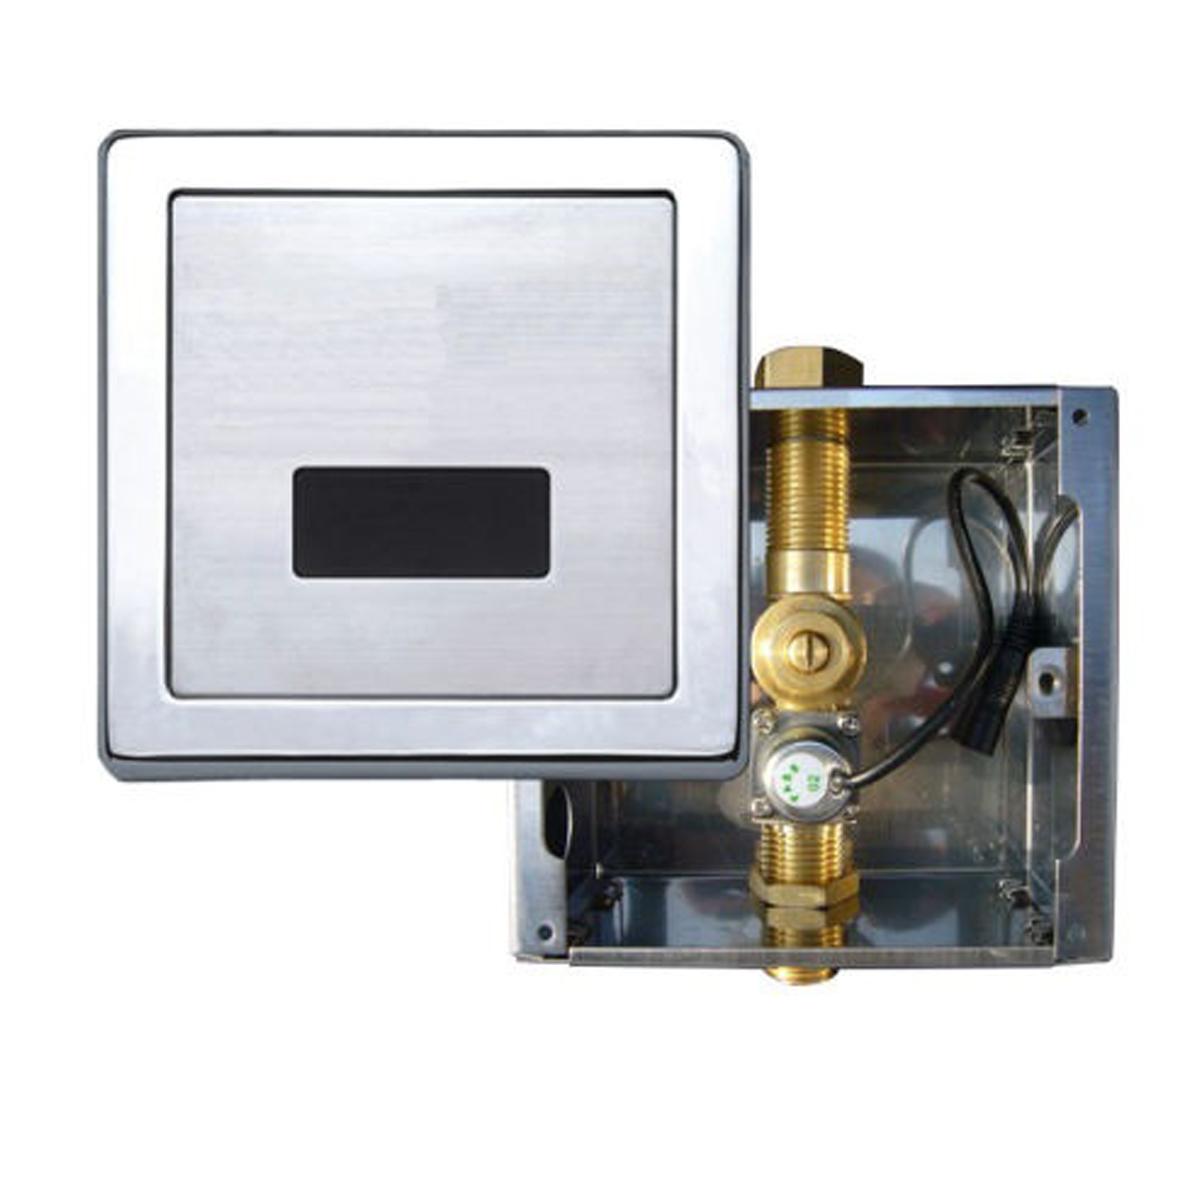 Válvula Electrónica al Muro Descarga en WC Con Sensor Superior